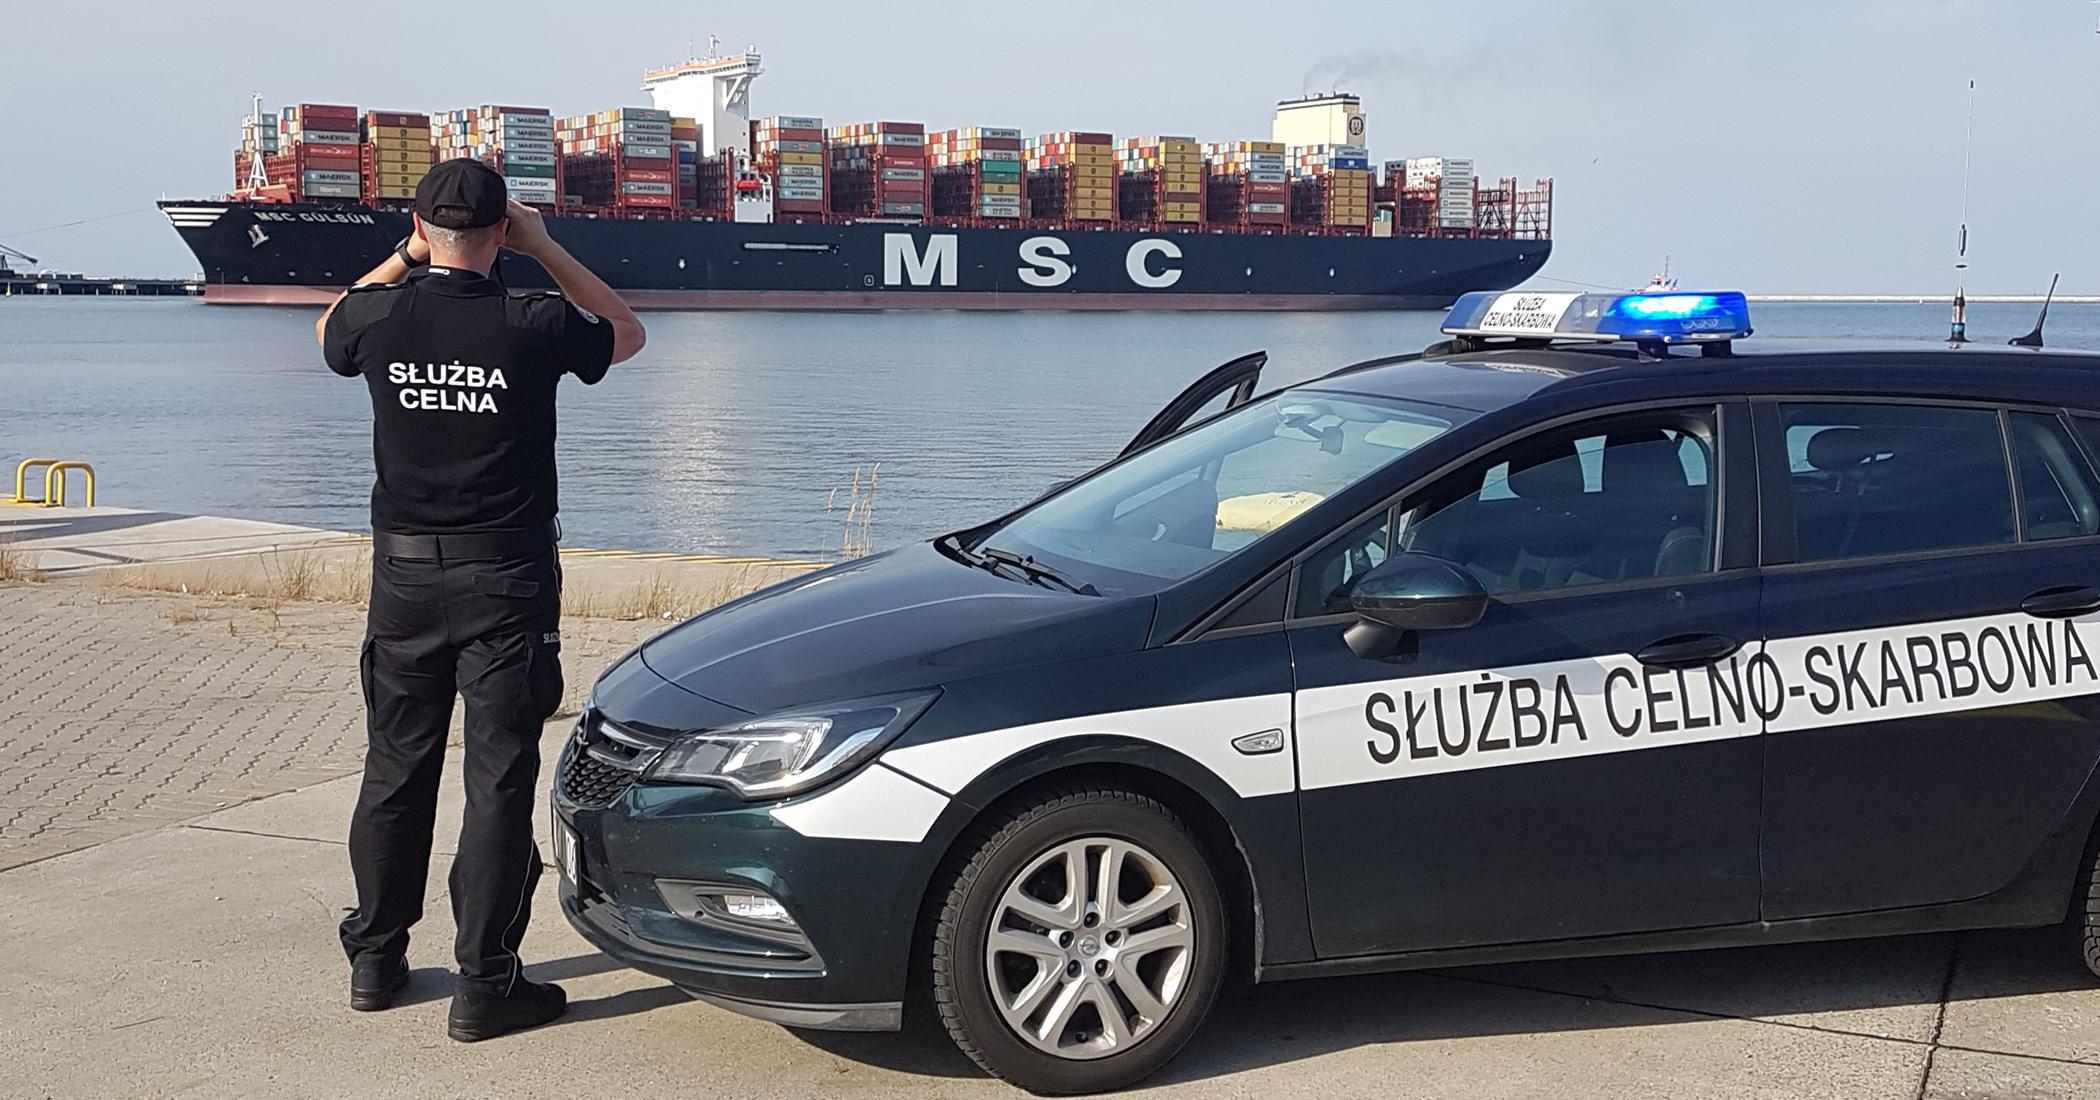 Funkcjonariusz Służby Celno-Skarbowej stojąc przy samochodzie obserwuje przez lornetkę kontenerowiec